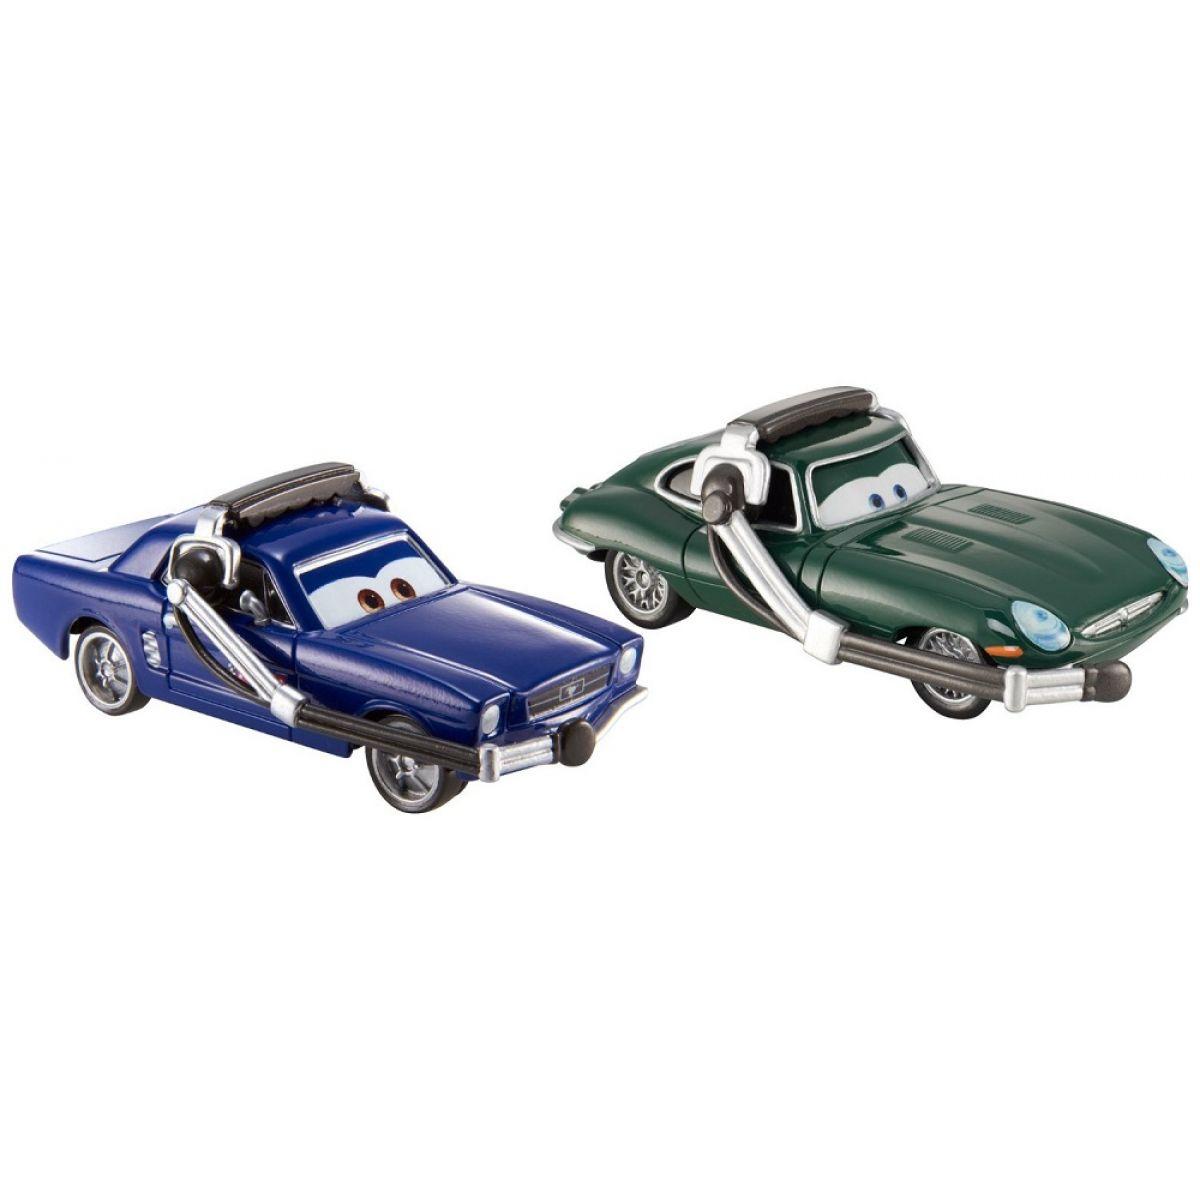 Cars 2 autíčka 2ks Mattel Y0506 - Brent MustangBurger a David Hobbscapp